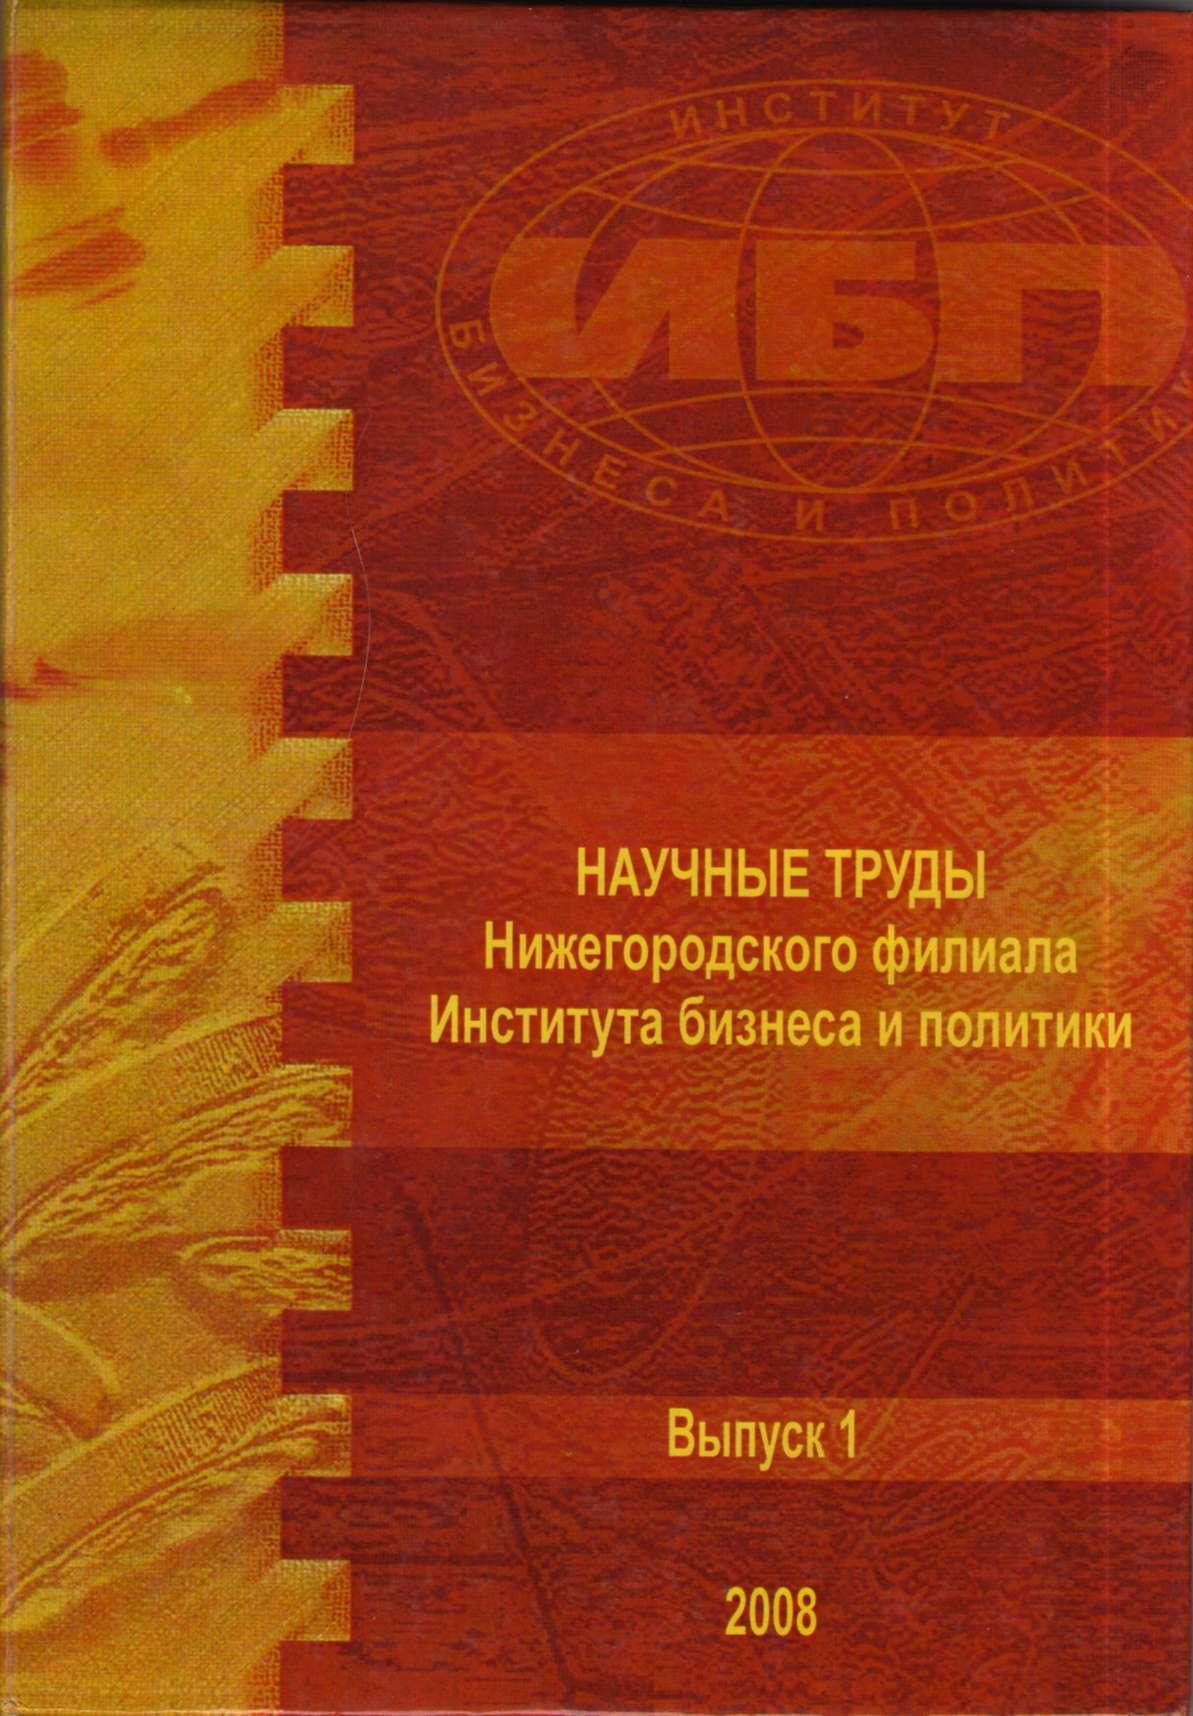 Государственно-правовое регулирование охраны памятников истории и культуры в Советской России в послевоенное пятнадцатилетие